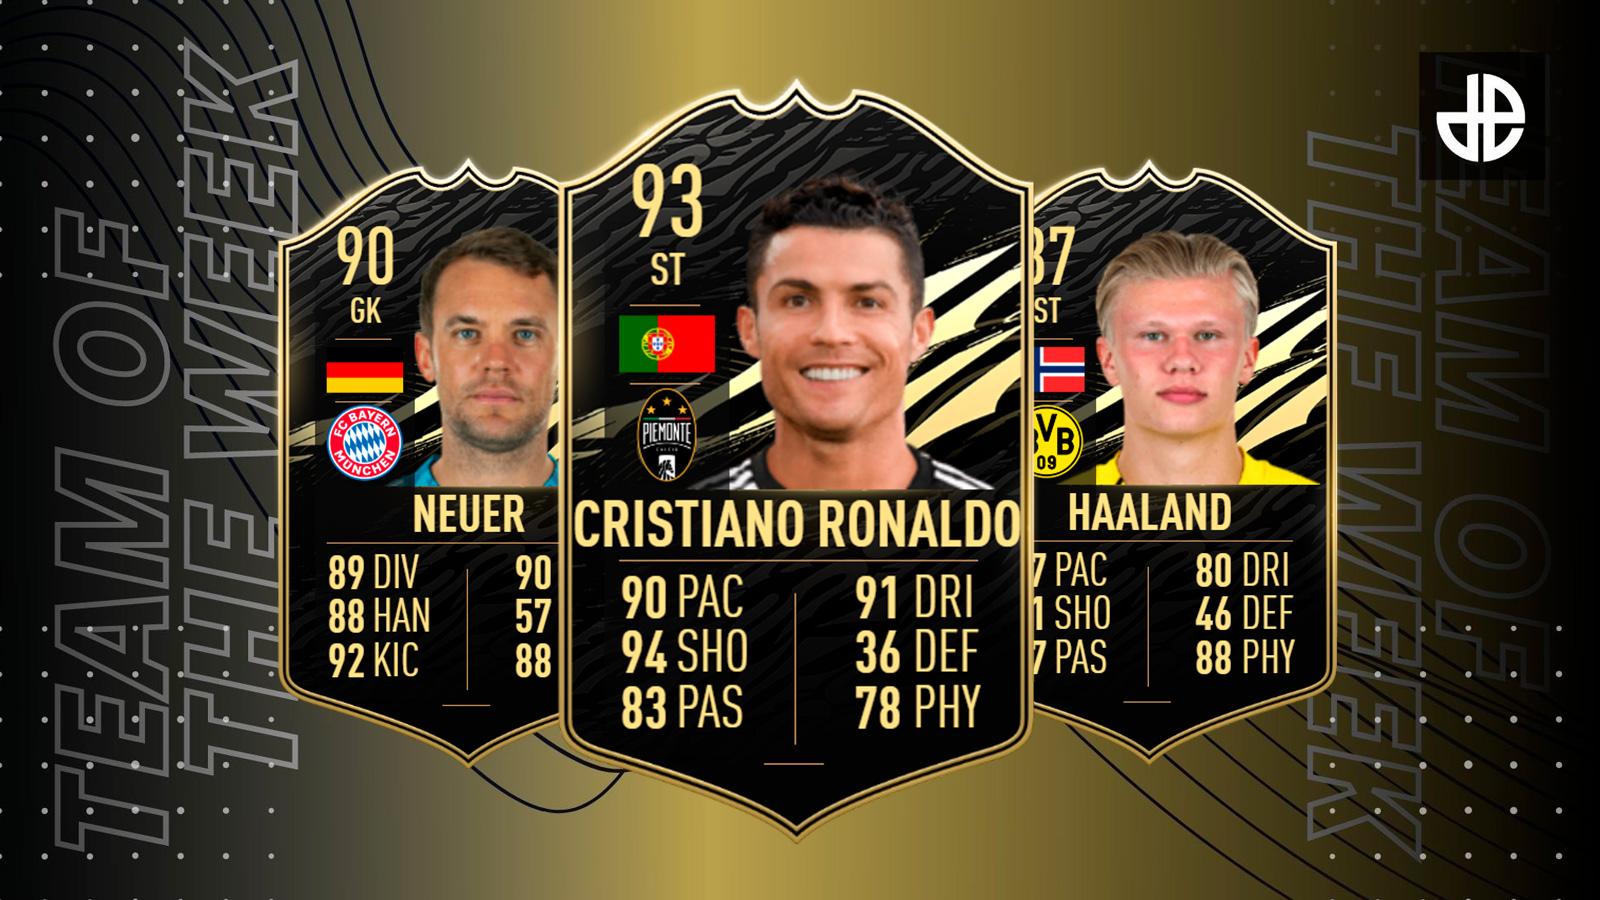 FIFA 21 TOTW 9